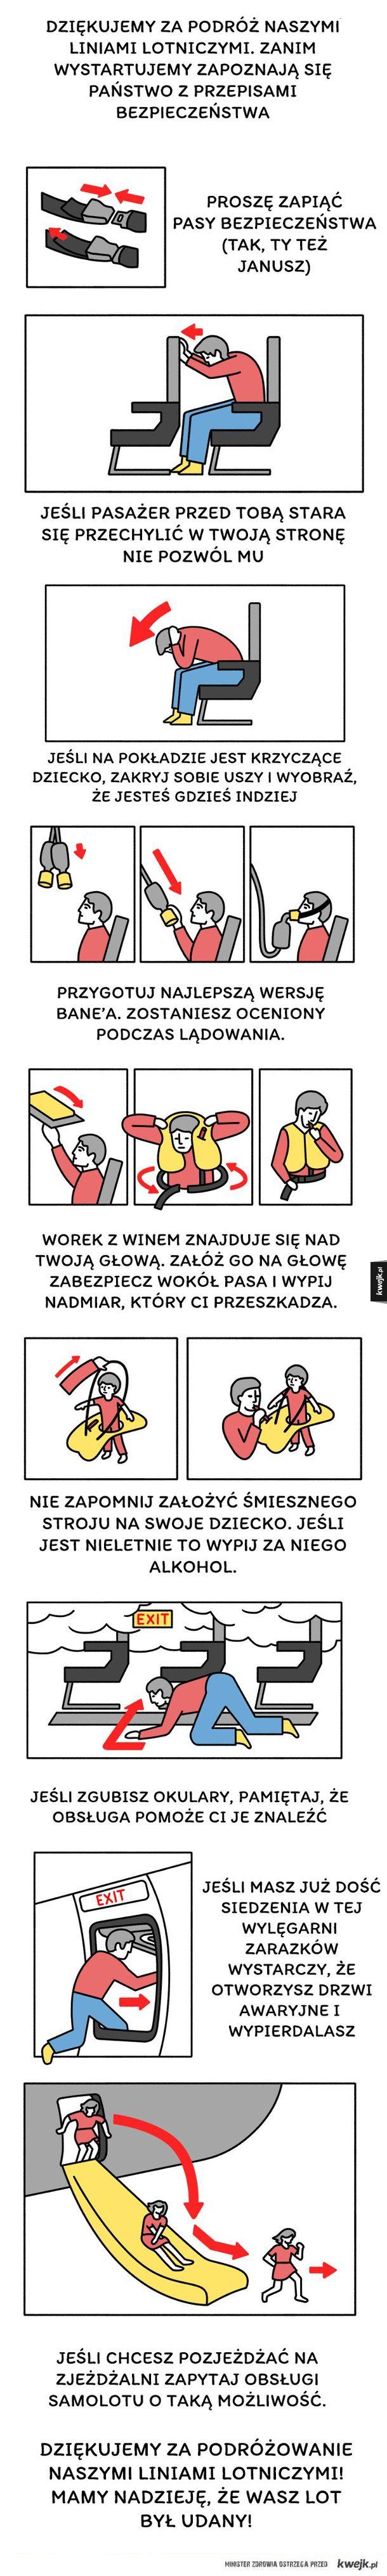 Przepisy bezpieczeństwa